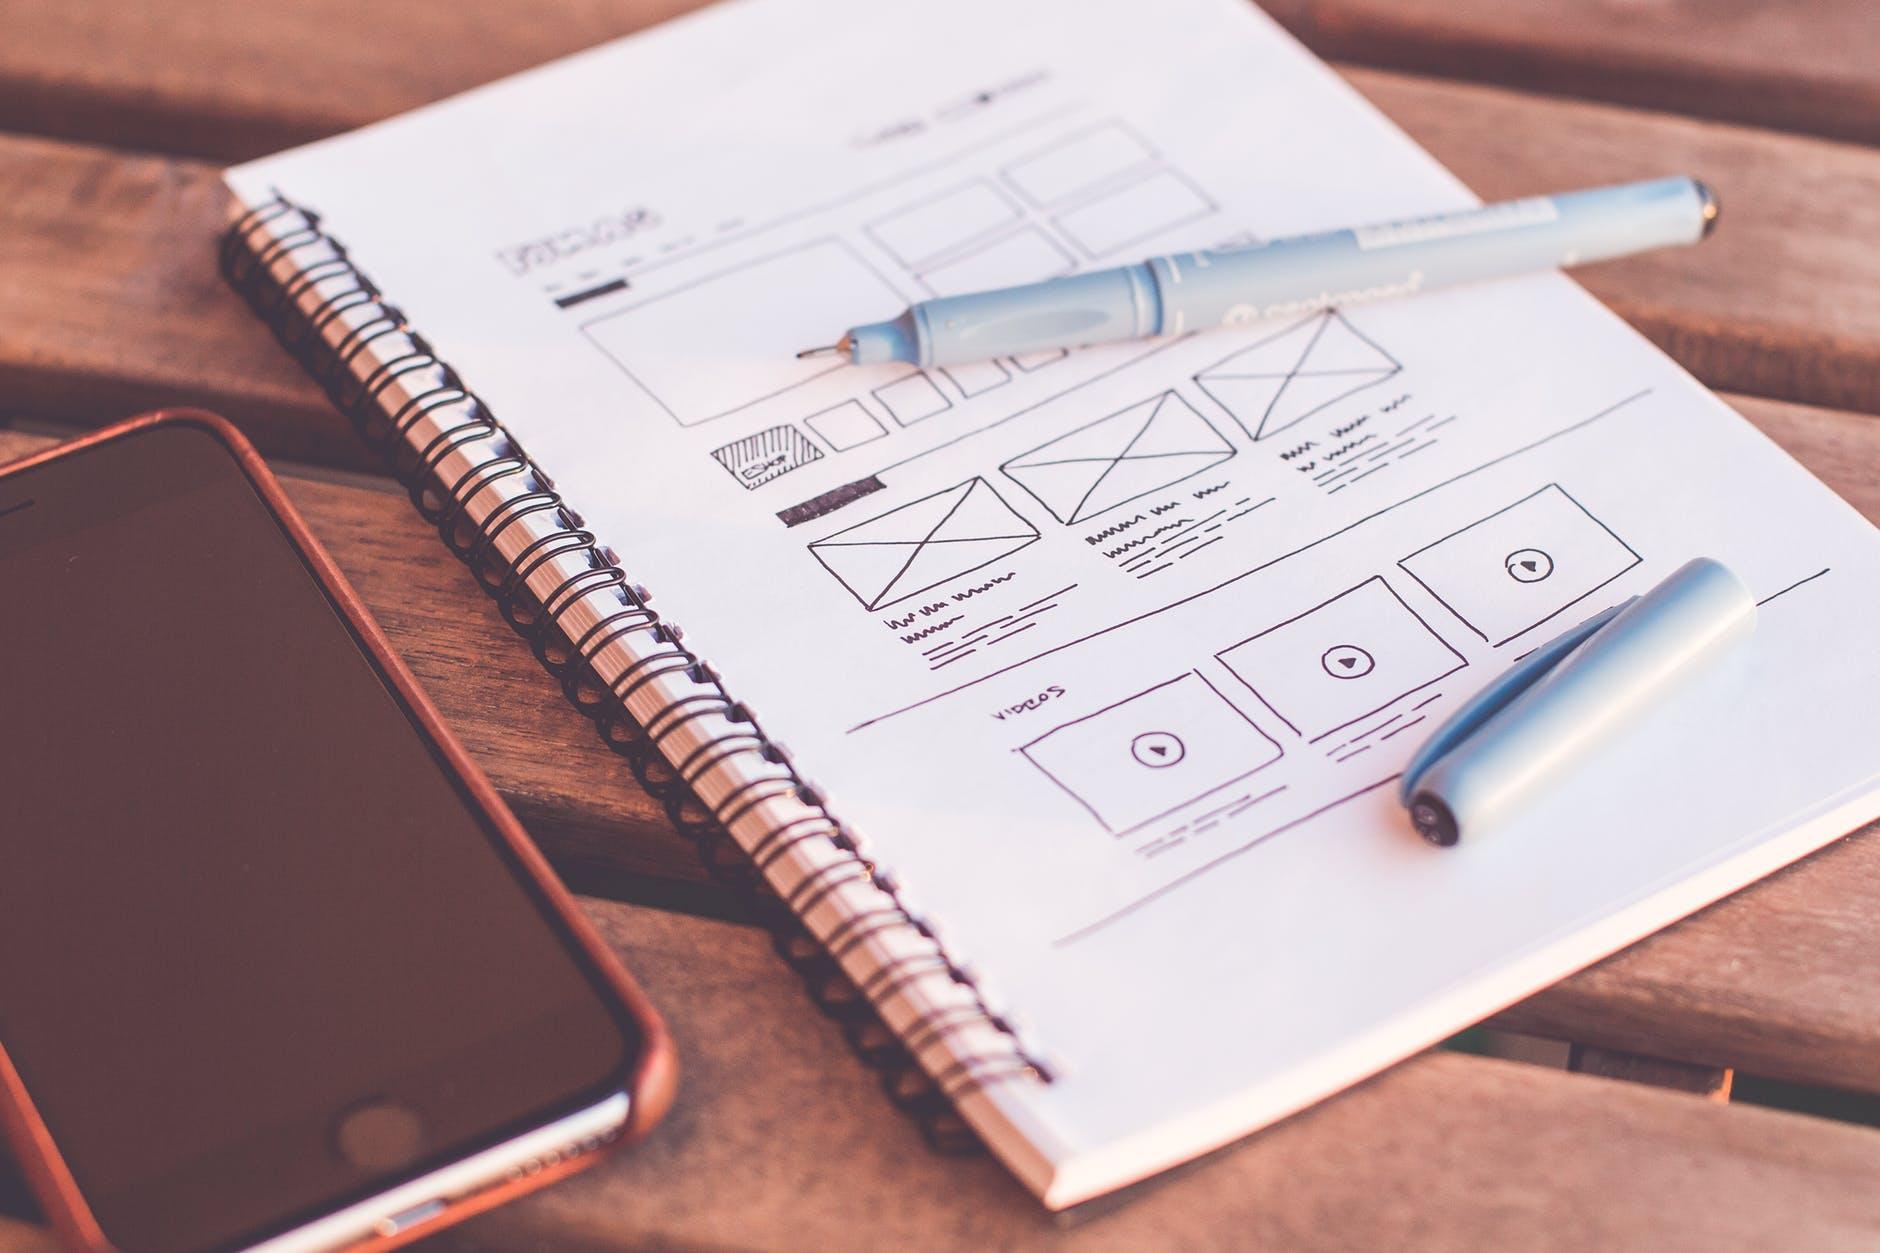 UI設計/UX設計,搞不清楚的看這邊~(2)什麼是UI設計?